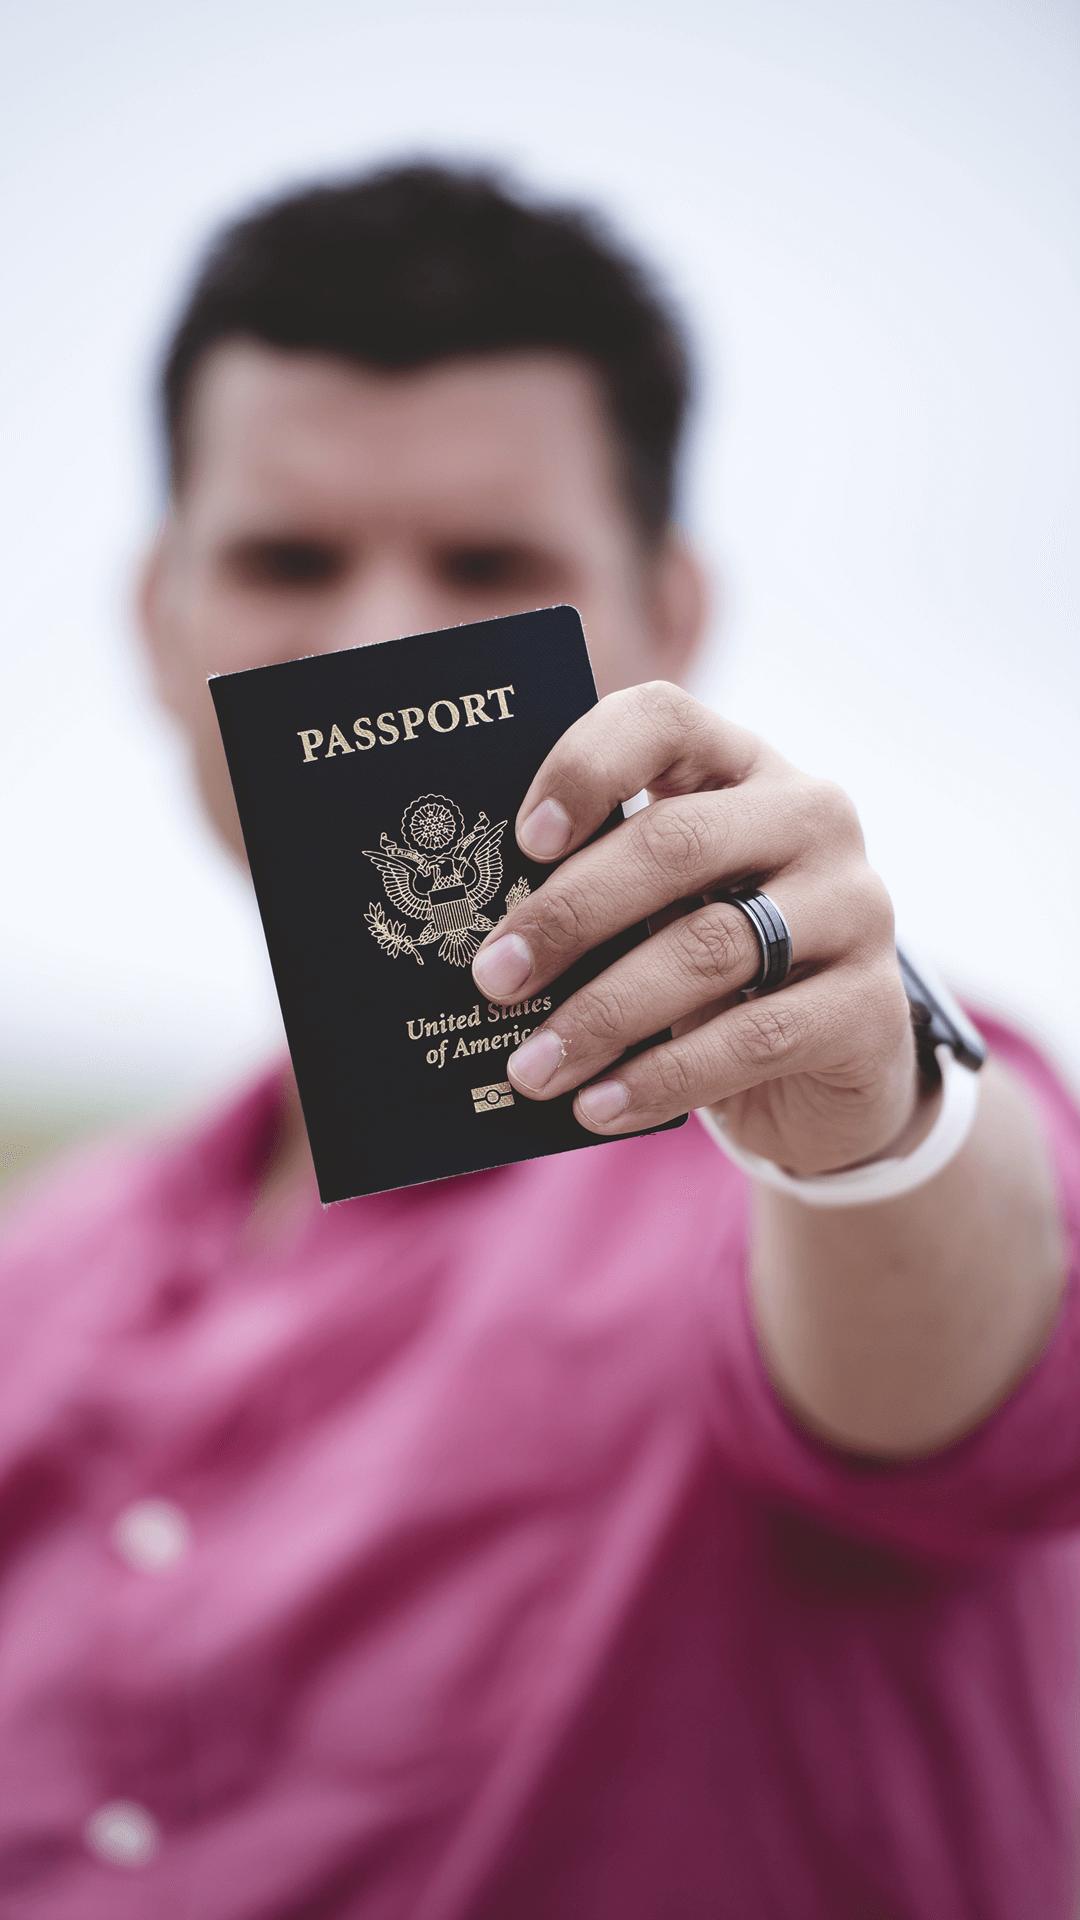 Puedes acogerte al Estatuto temporal de protección para migrantes venezolanos, si te encuentras en el pais y posees todos tus papeles al orden del día